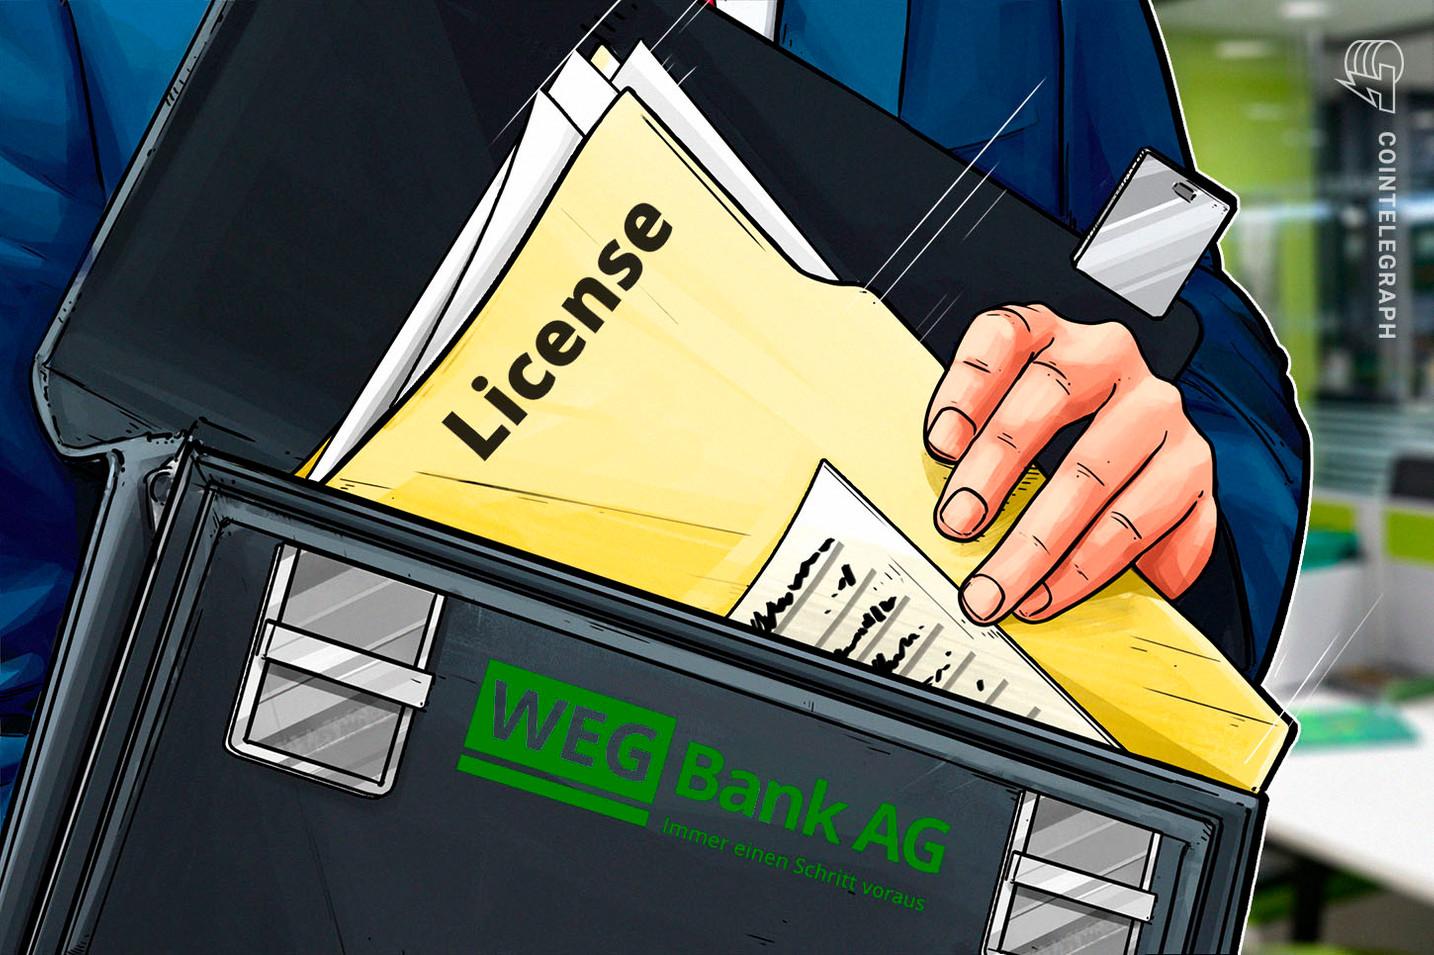 Estonia Grants Crypto Trading and Custody License to WEG Bank